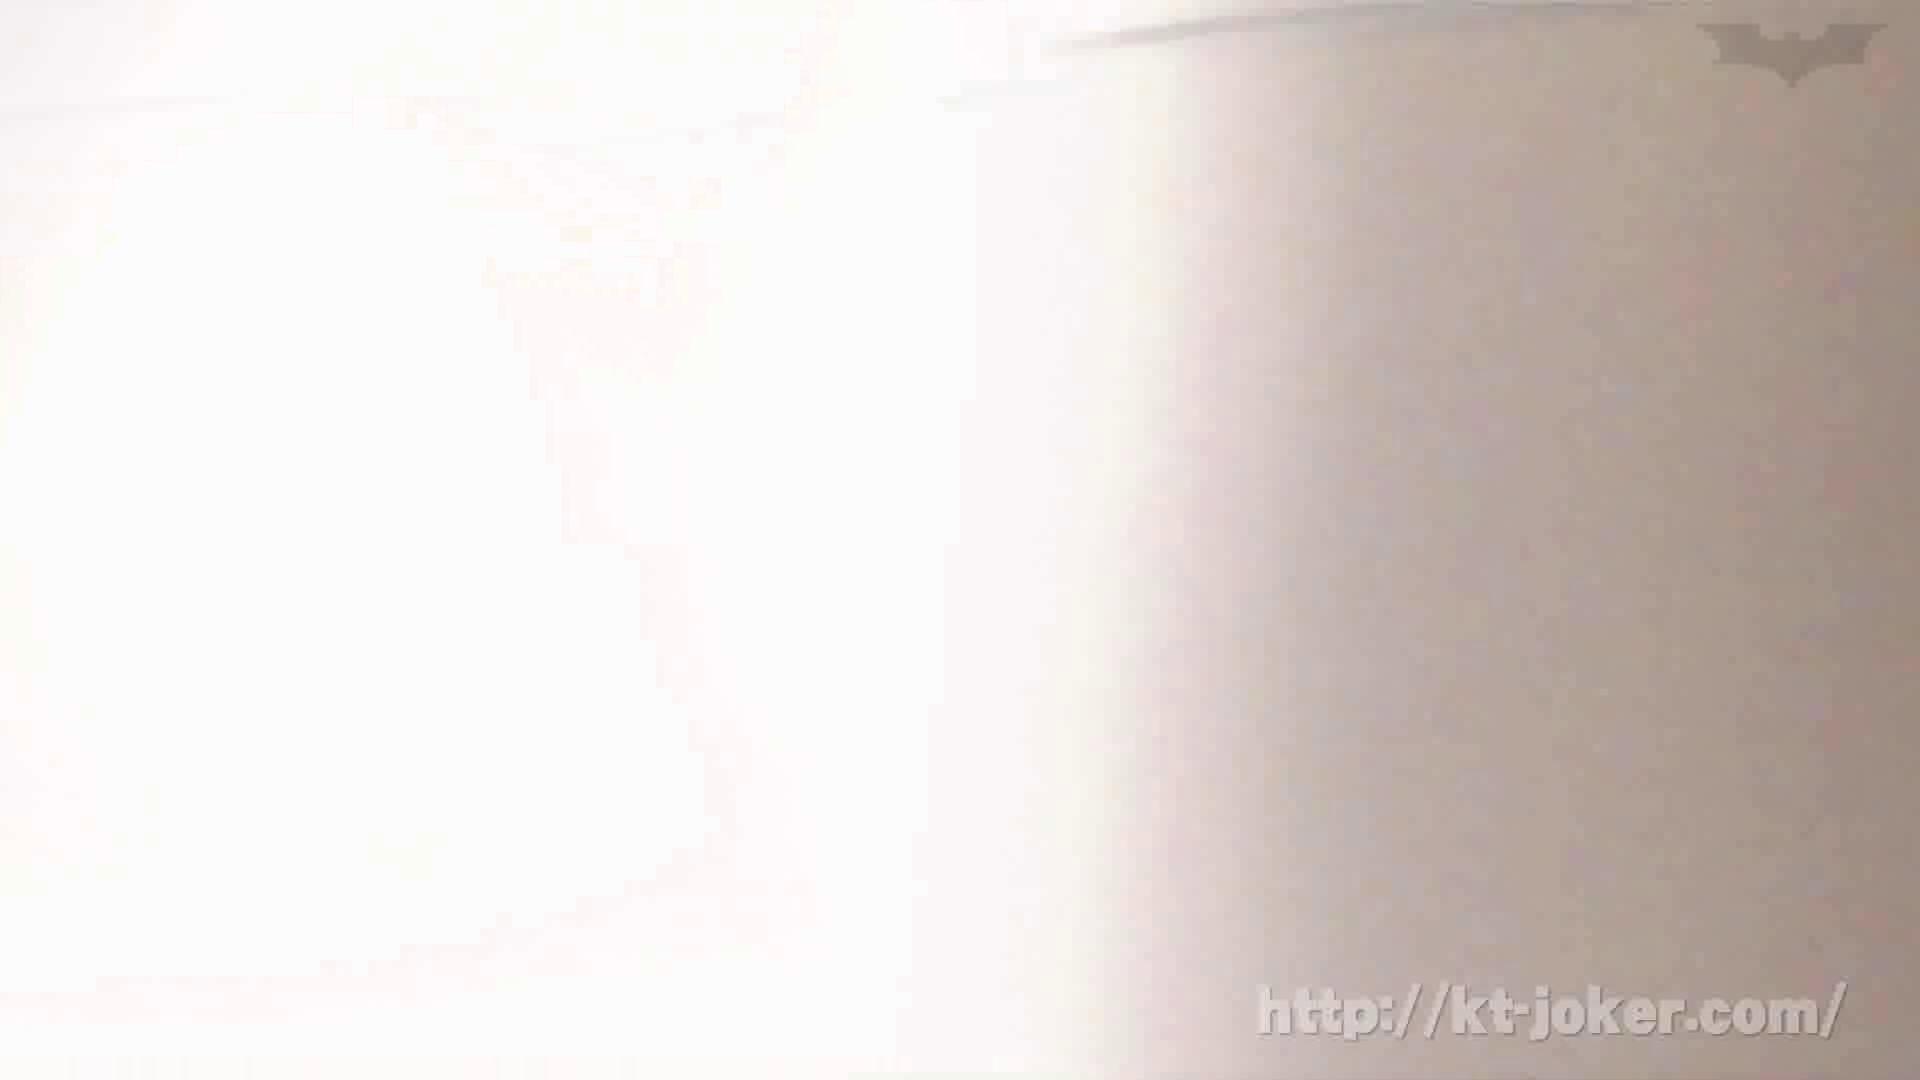 命がけ潜伏洗面所! vol.68 レベルアップ!! プライベート | OLセックス  106画像 7